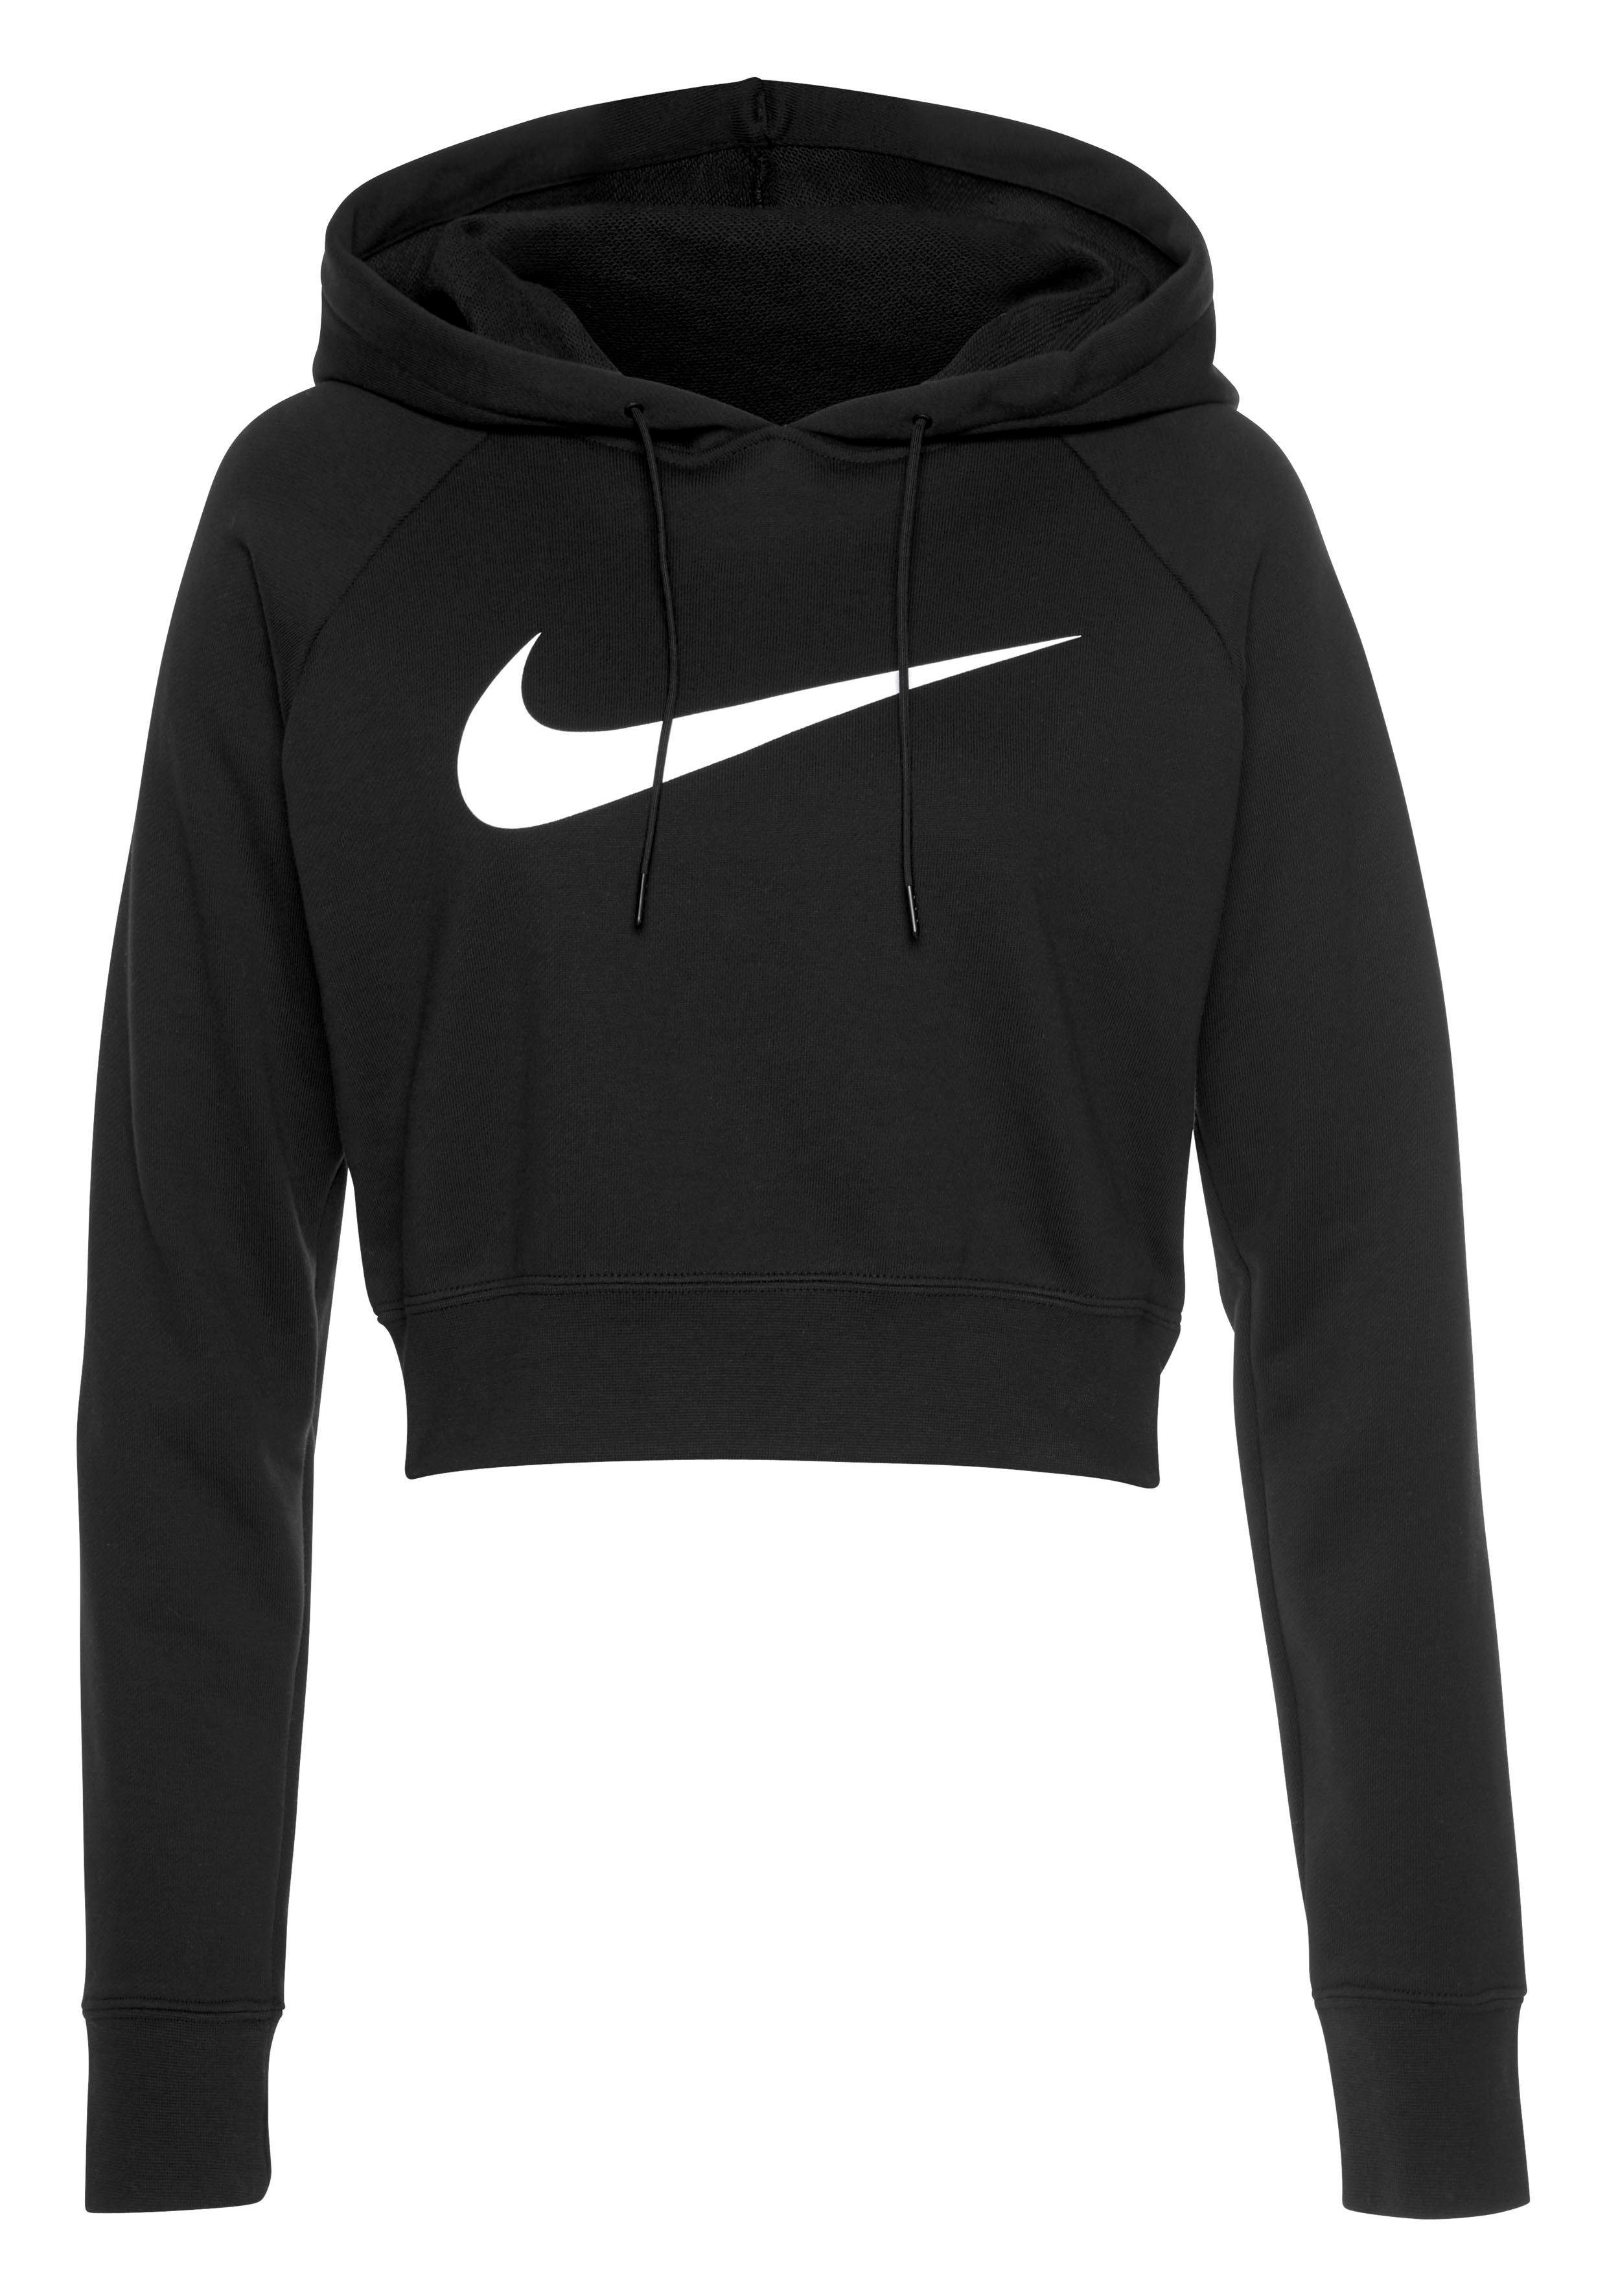 Nike hoody crop black